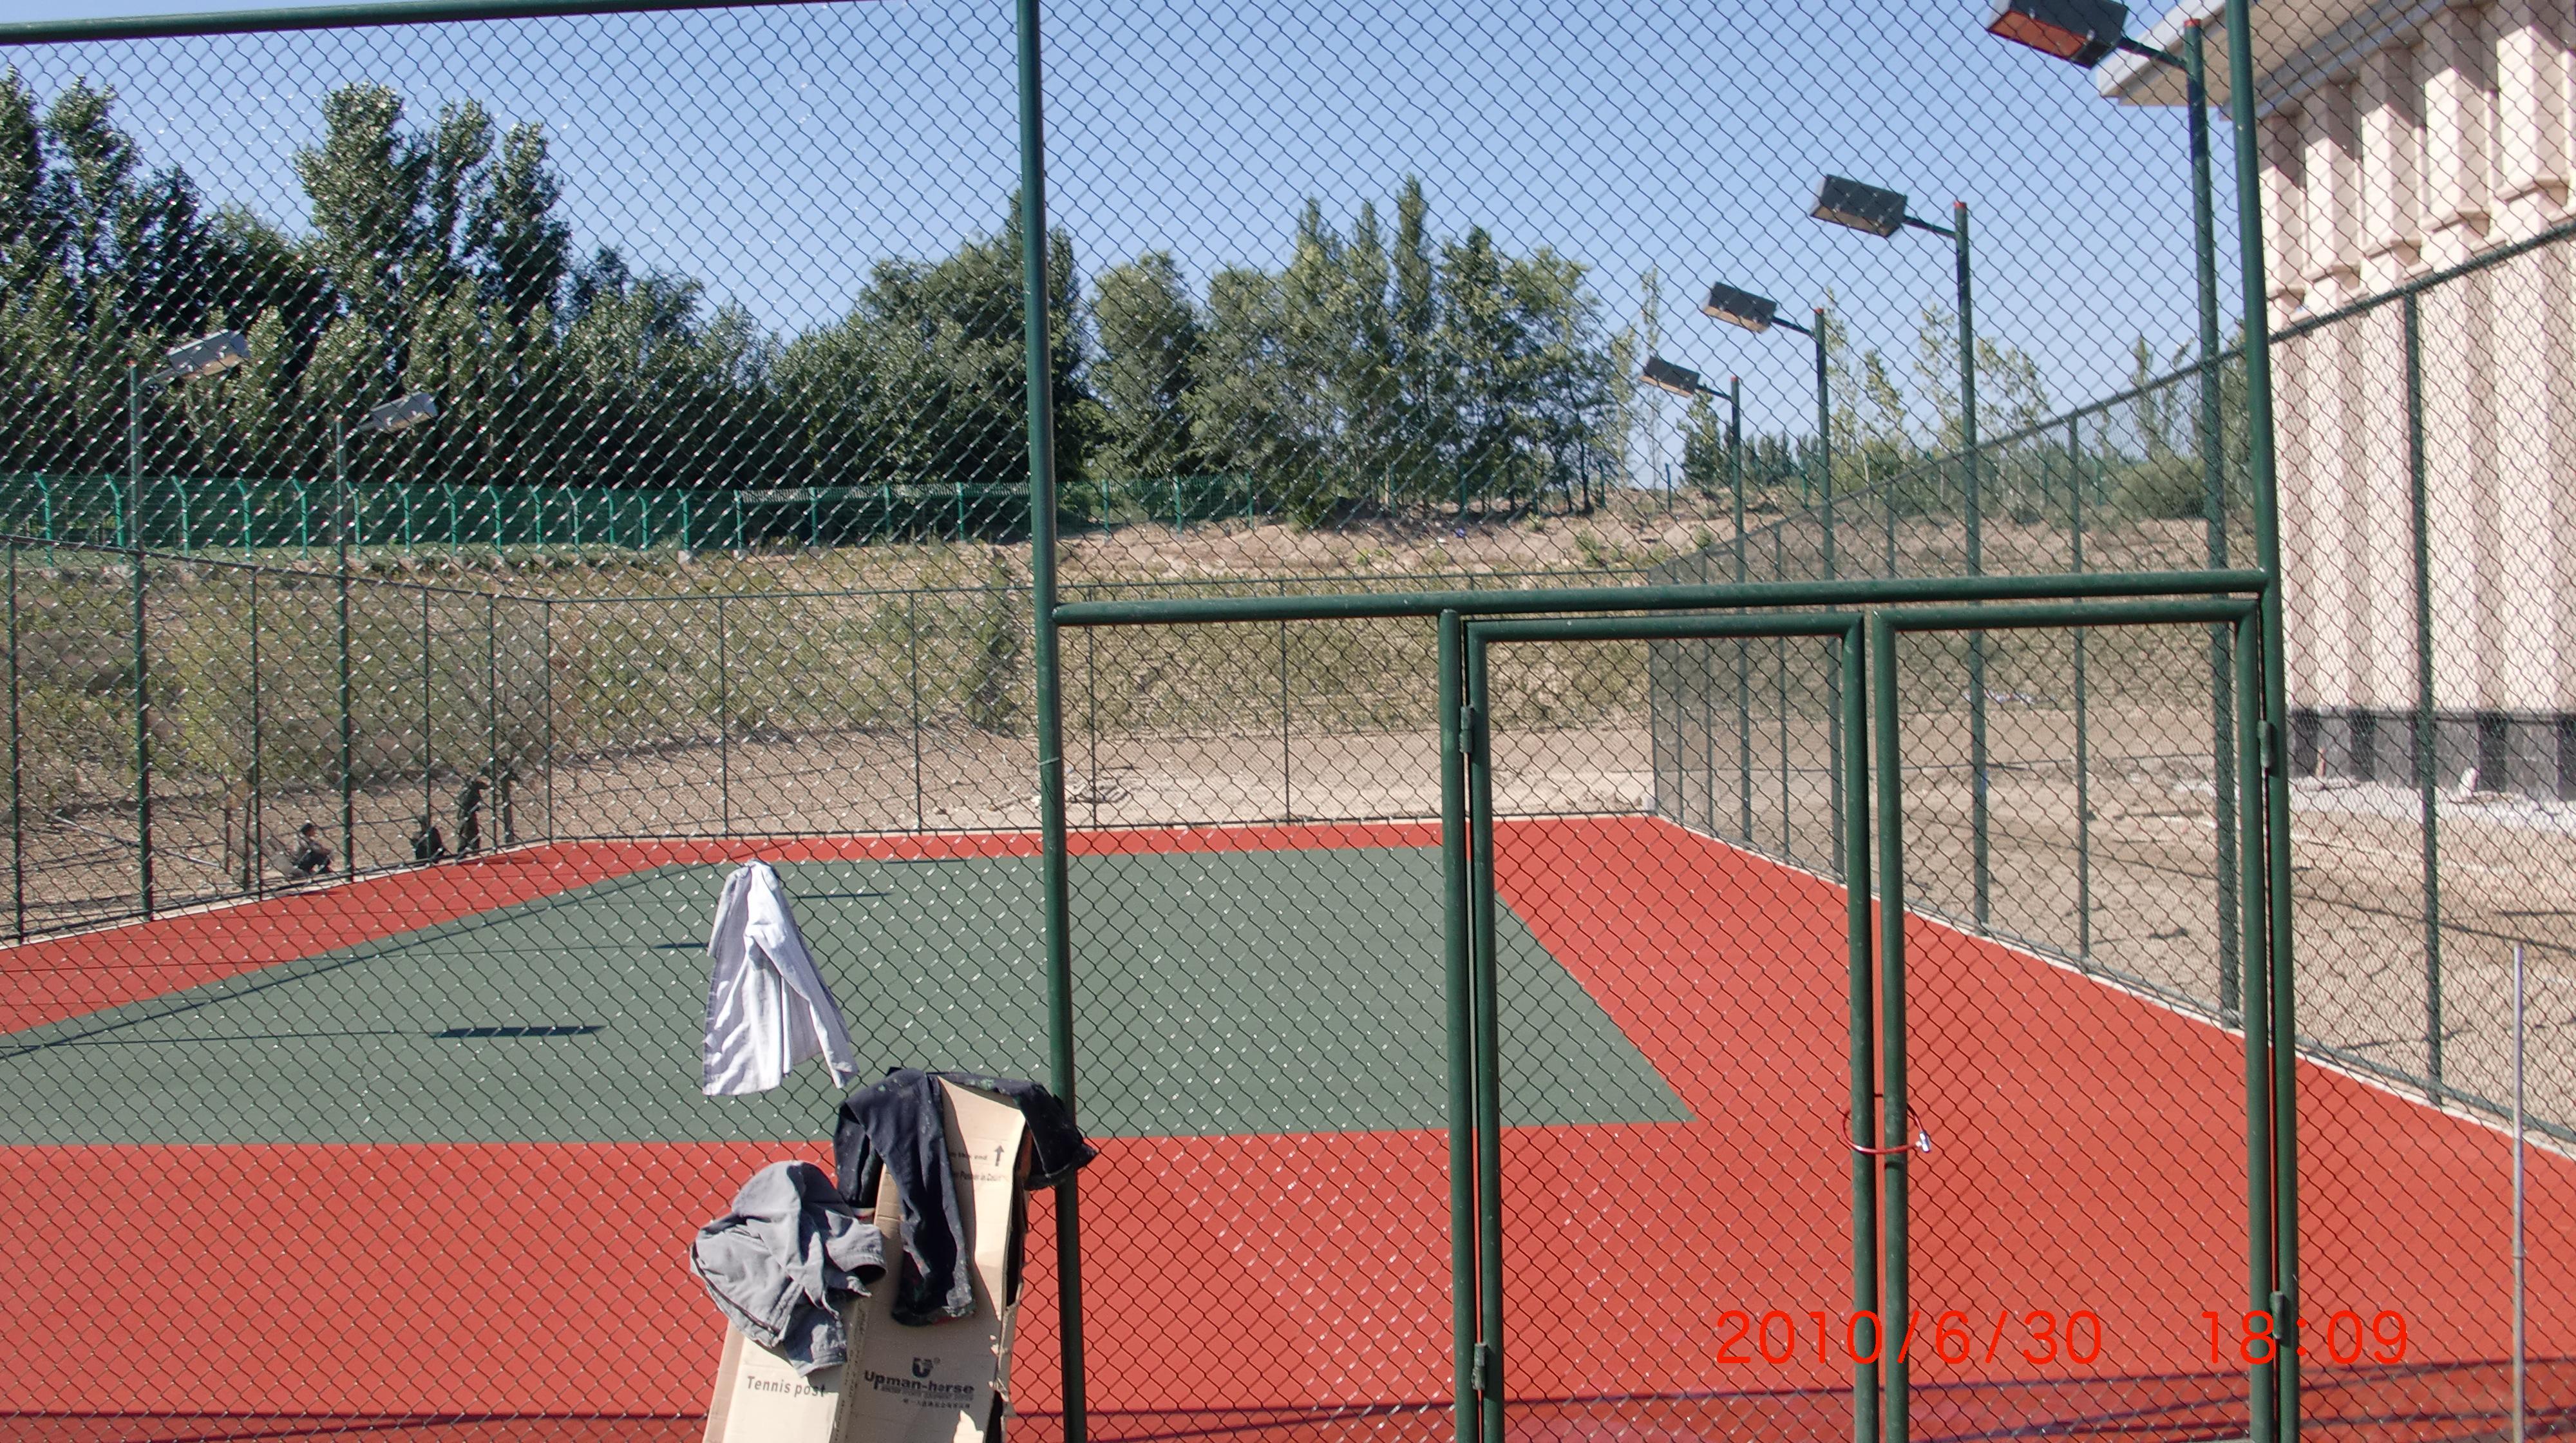 北京室内外网球场篮球场足球场排球场羽毛球场施工场